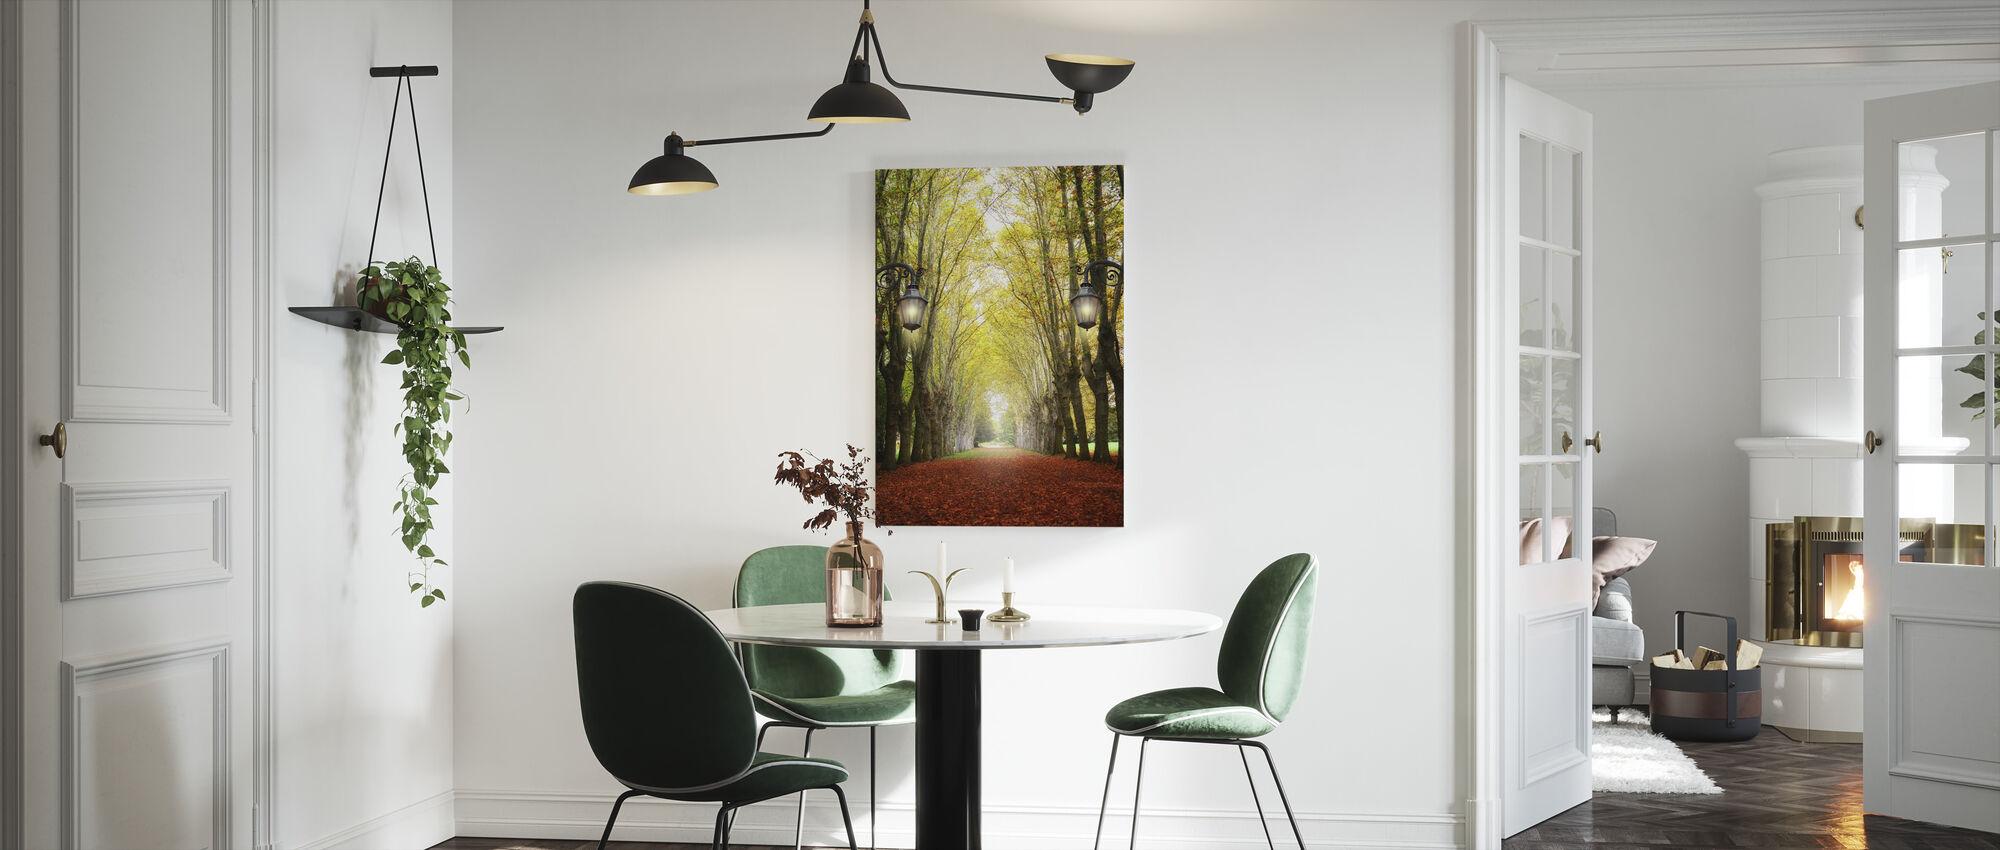 Kujalla puiden kanssa - Canvastaulu - Keittiö